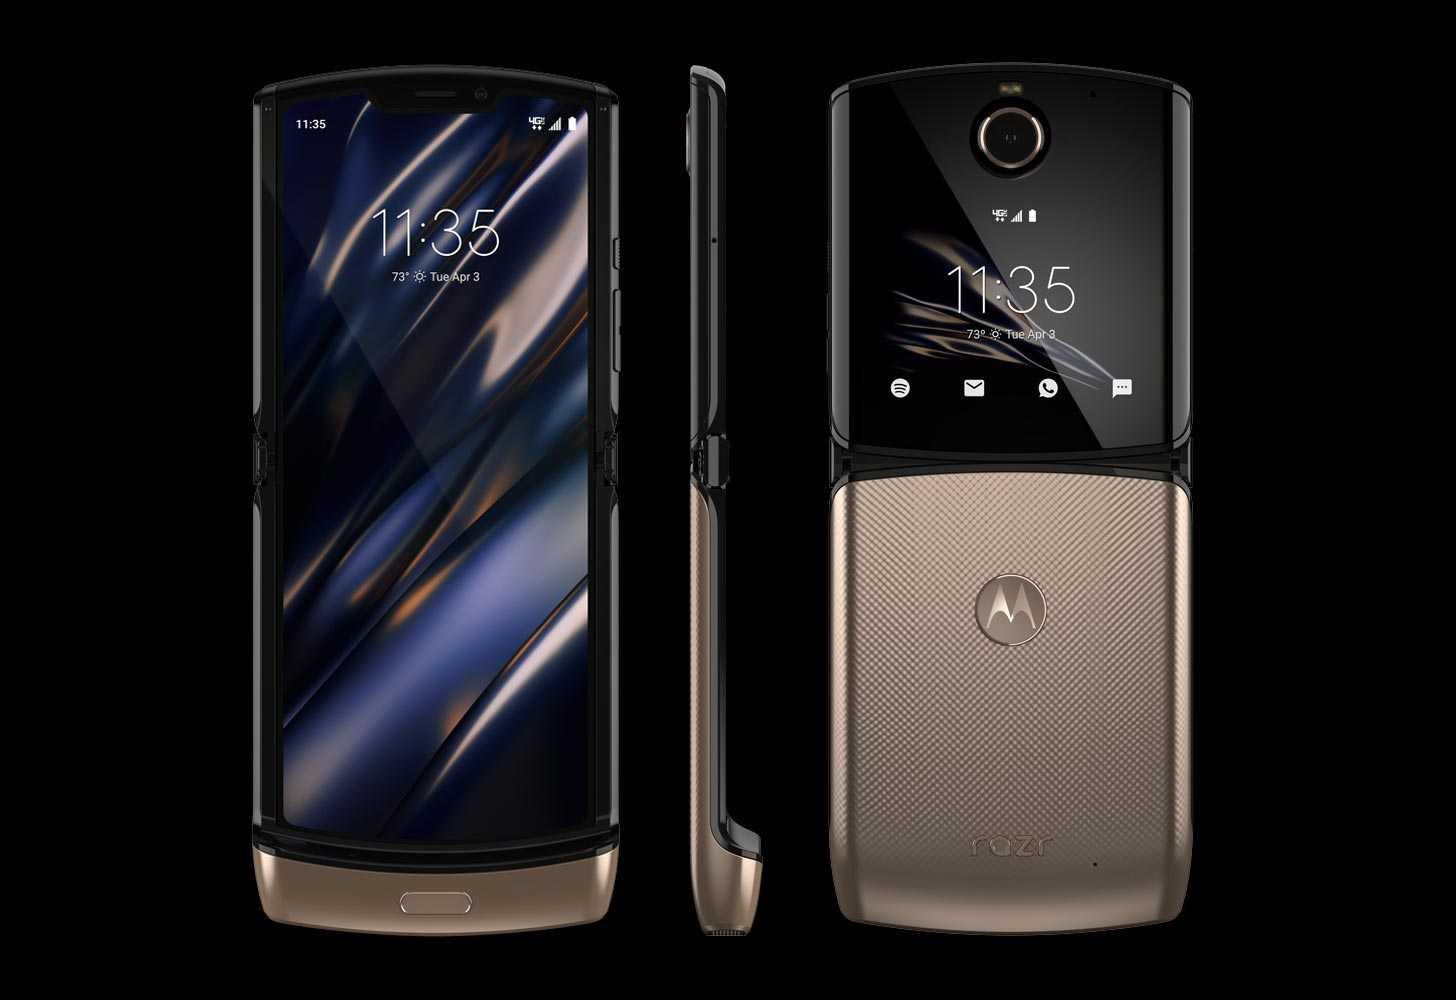 Оказывается уже в этом месяце компания Motorola представит свою гибкую раскладушку о которой было столько всего сказано Теперь мы знаем реальные характеристики